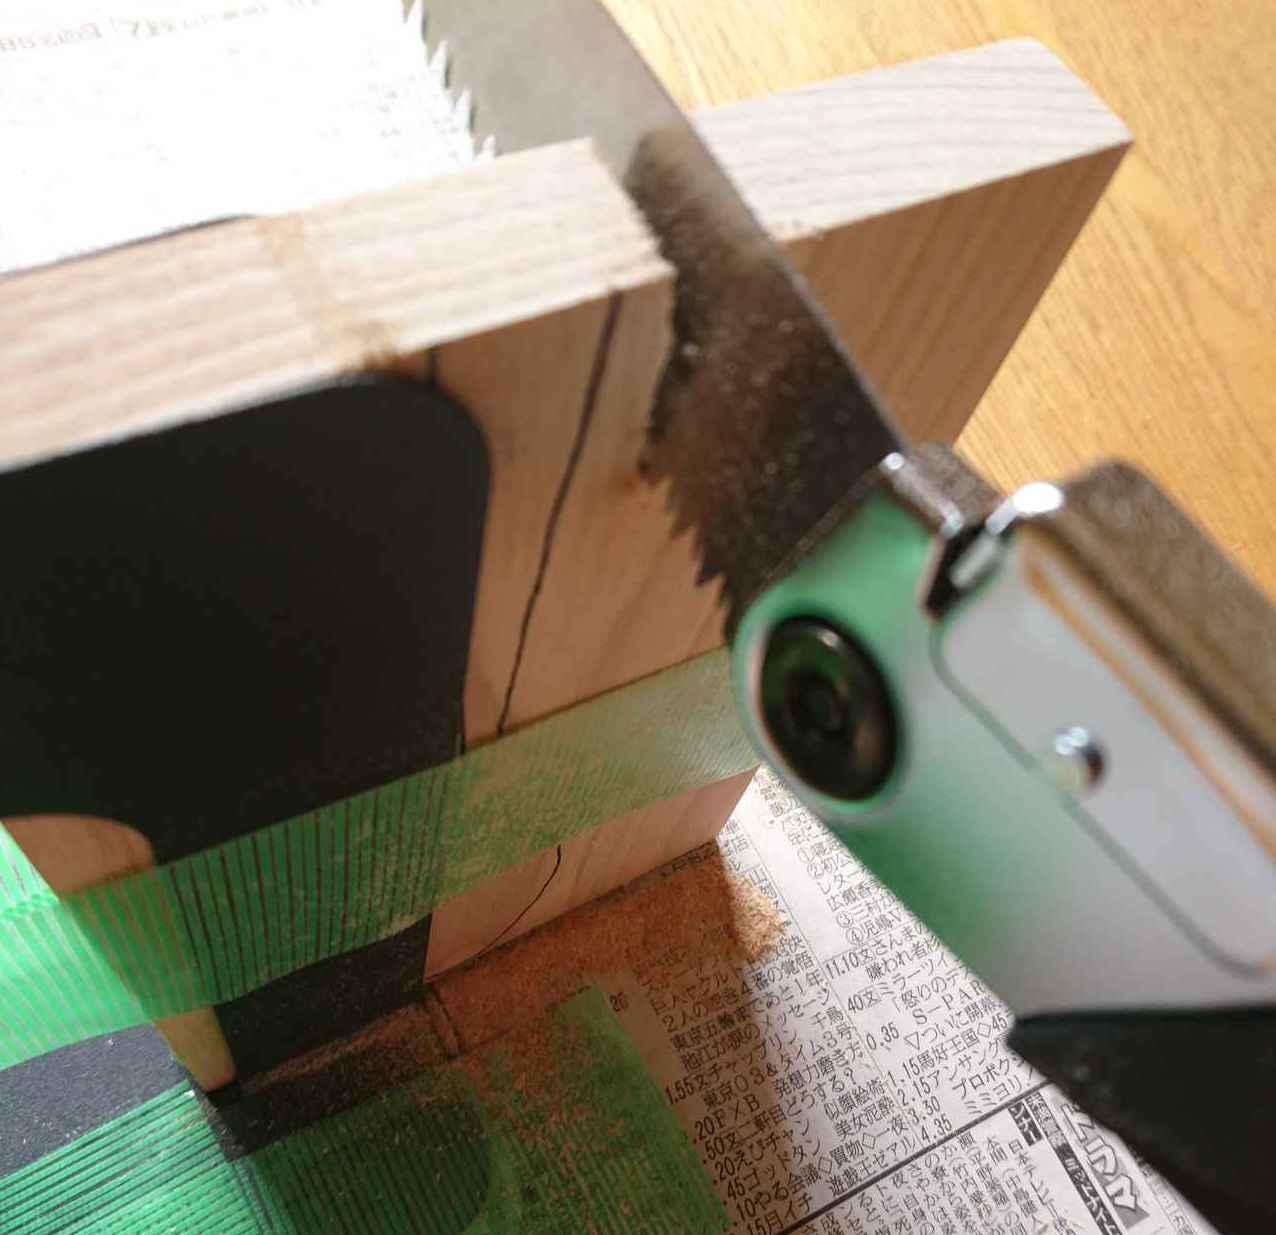 画像: けがきしたスプーンの外枠を大胆に削る (筆者撮影)